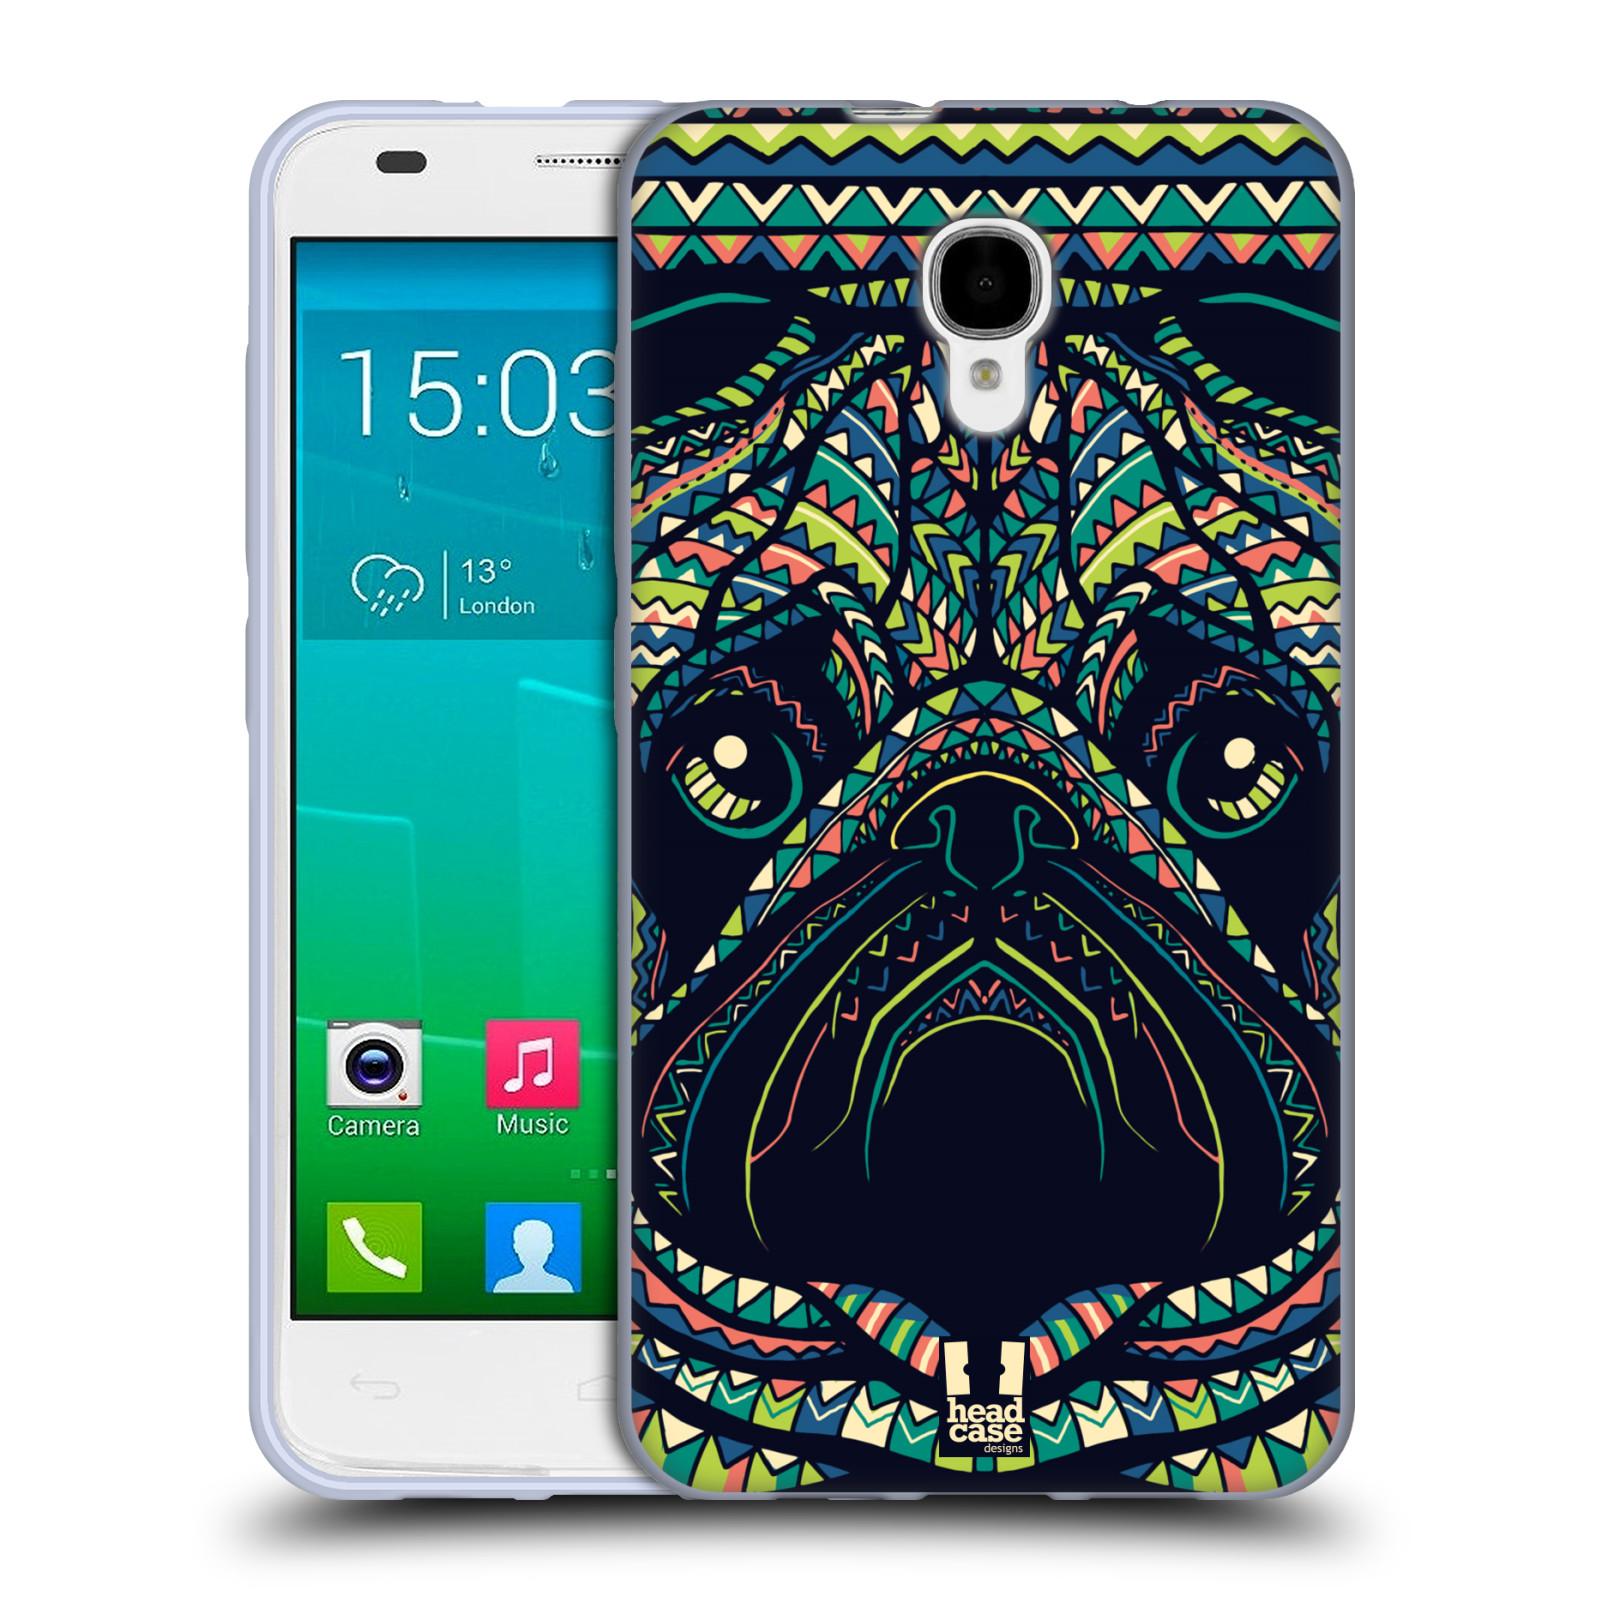 HEAD CASE silikonový obal na mobil Alcatel Idol 2 S OT-6050 vzor Aztécký motiv zvíře 3 mopsík